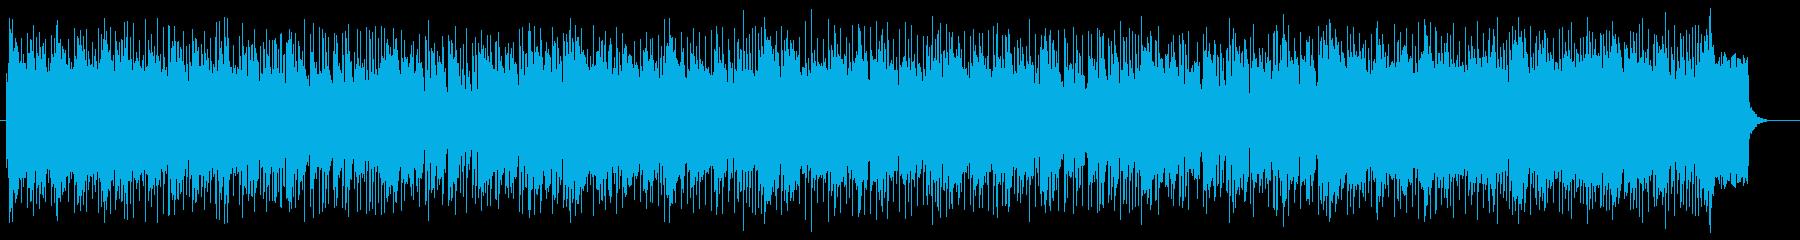 シンセサイザーを使った未来的な曲の再生済みの波形